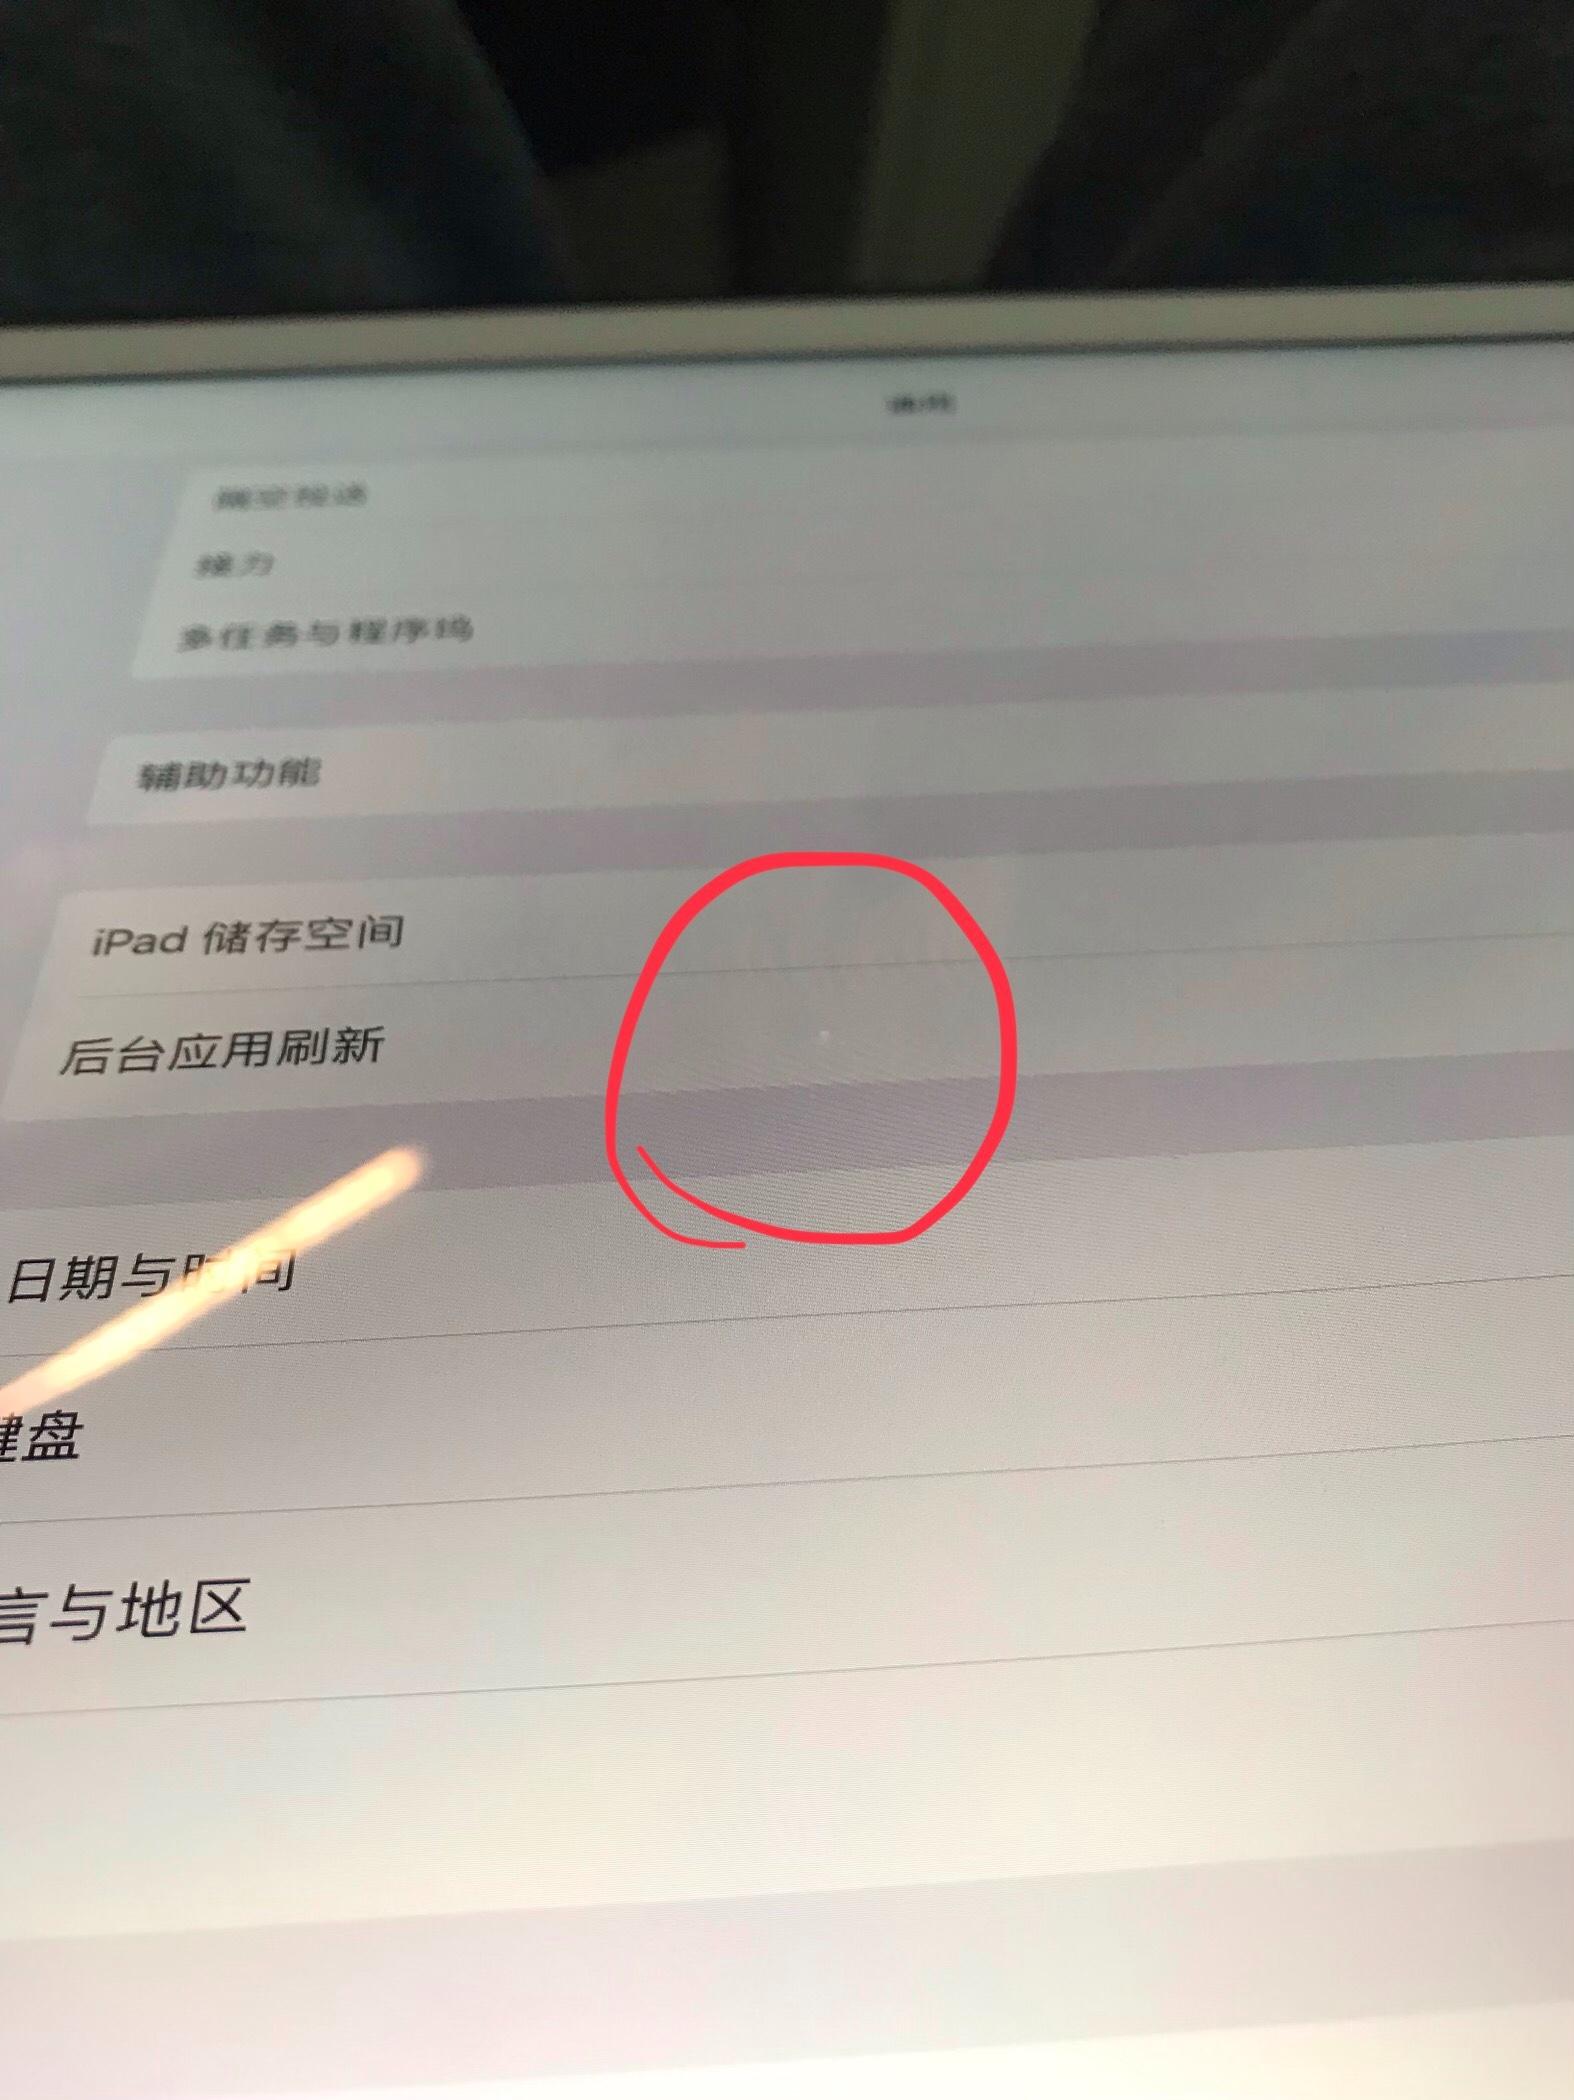 问题:            问:                                iPad Pro 屏幕白斑